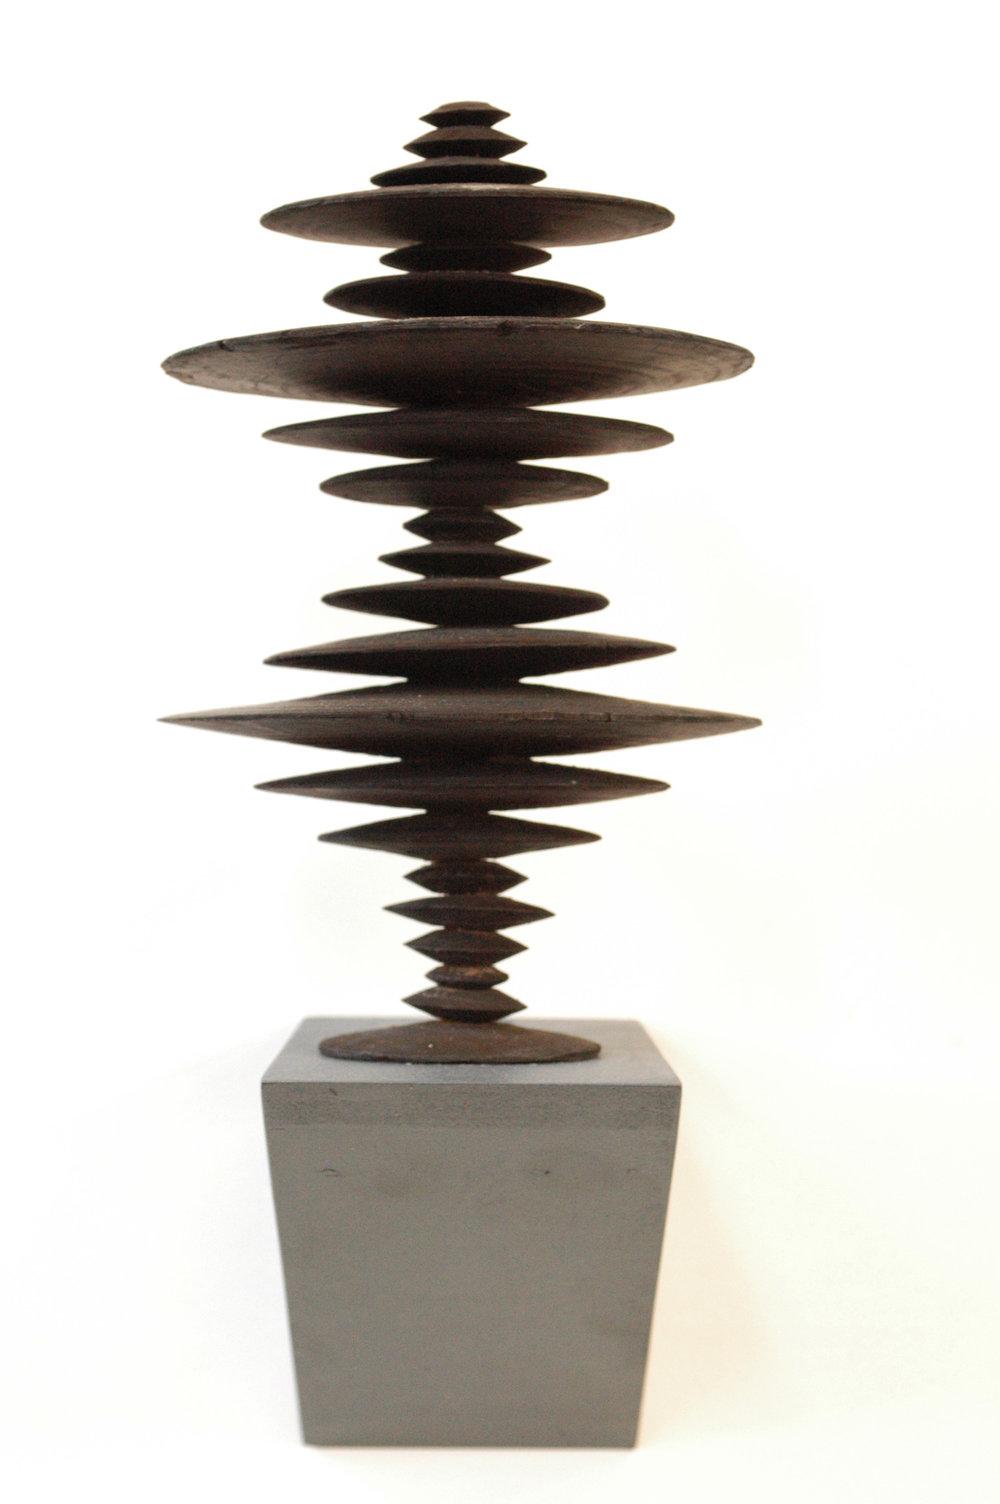 Ewen Coates,  satori time machine #4,  2012, bronze